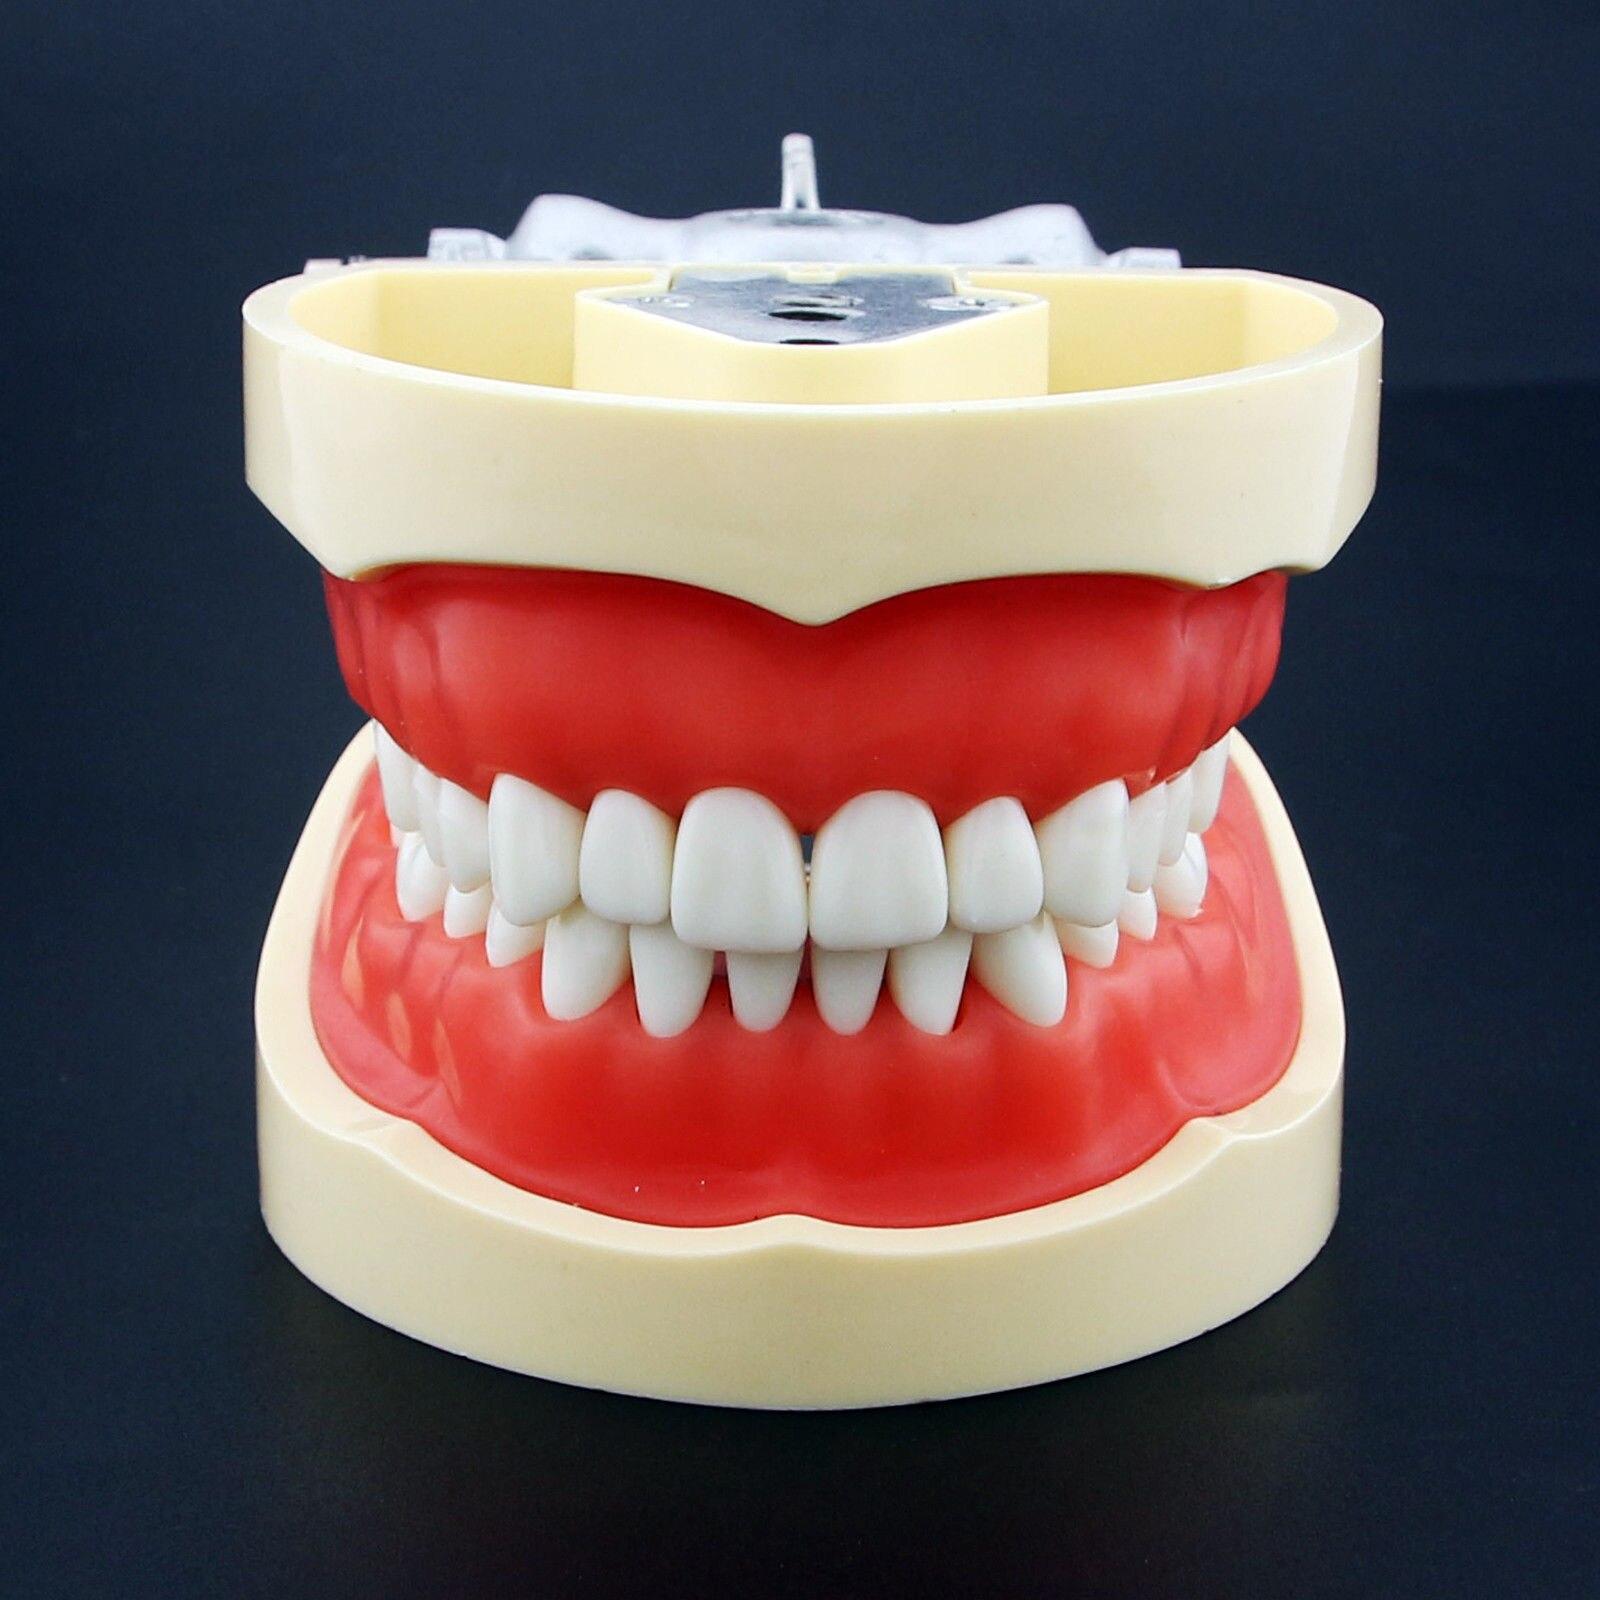 Güzellik ve Sağlık'ten Diş Beyazlatma'de Kilgore Nissin Tipi Diş Typodont Modeli 200 Çıkarılabilir Diş'da  Grup 1